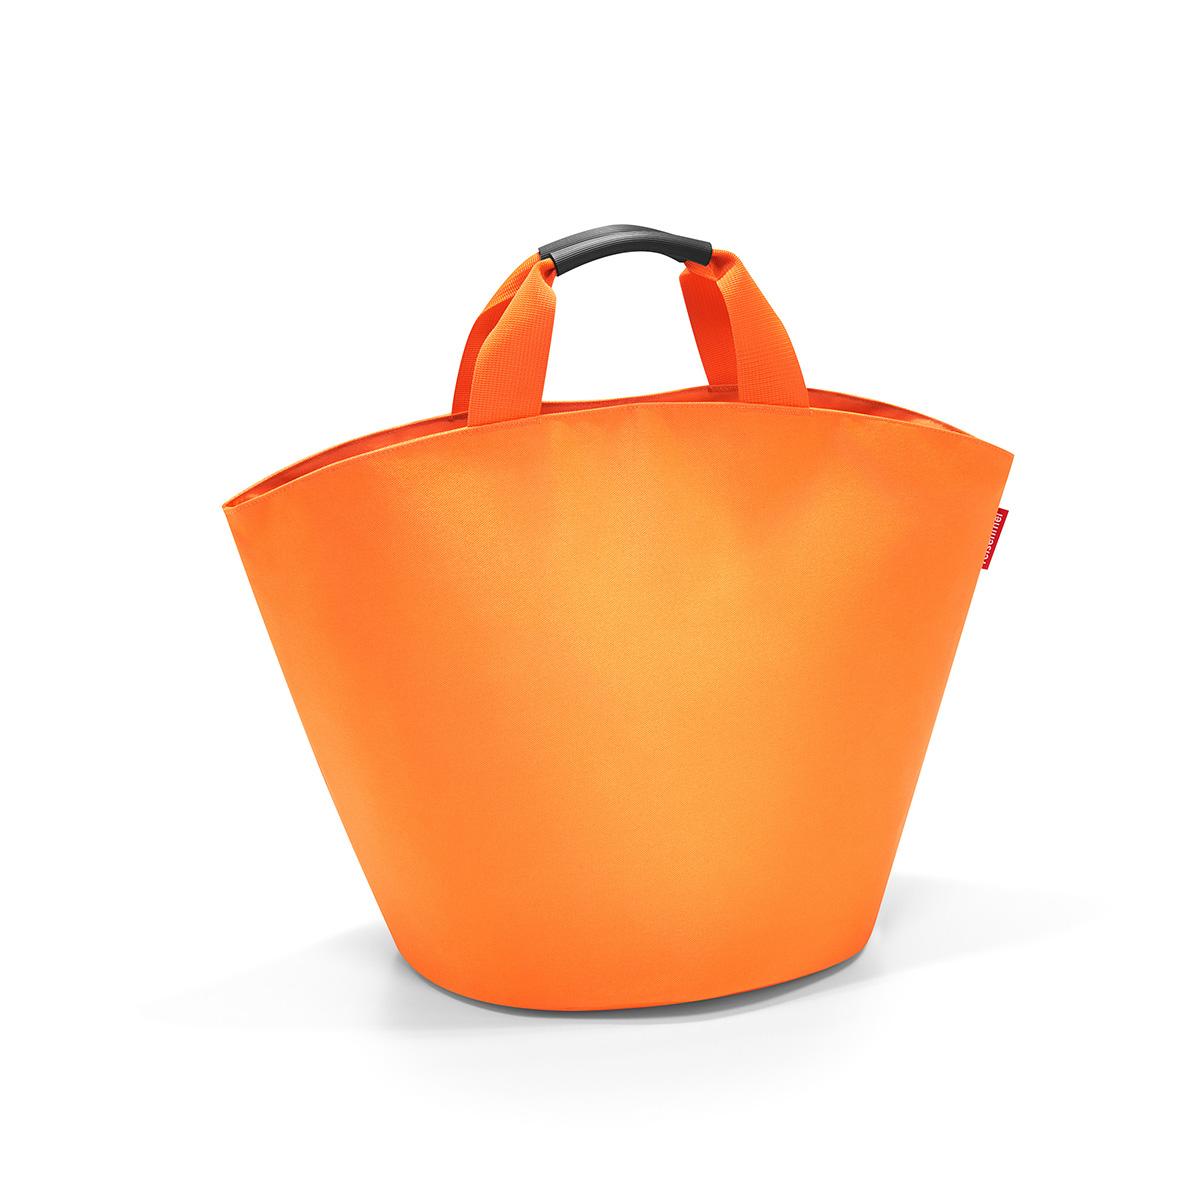 Сумка женская Reisenthel Ibizashopper, цвет: оранжевый. BM2004BM2004Универсальная женская сумка Reisenthel Ibizashopper изготовлена из плотного полиэстера. Сумка содержит одно вместительное отделение, закрывающееся хлястиком на кнопки. Внутри расположен врезной карман на застежке-молнии. Ручки дополнены специальным покрытием, которое обеспечит максимальный комфорт при эксплуатации изделия. Практичная сумка станет незаменимым аксессуаром для повседневного использования.